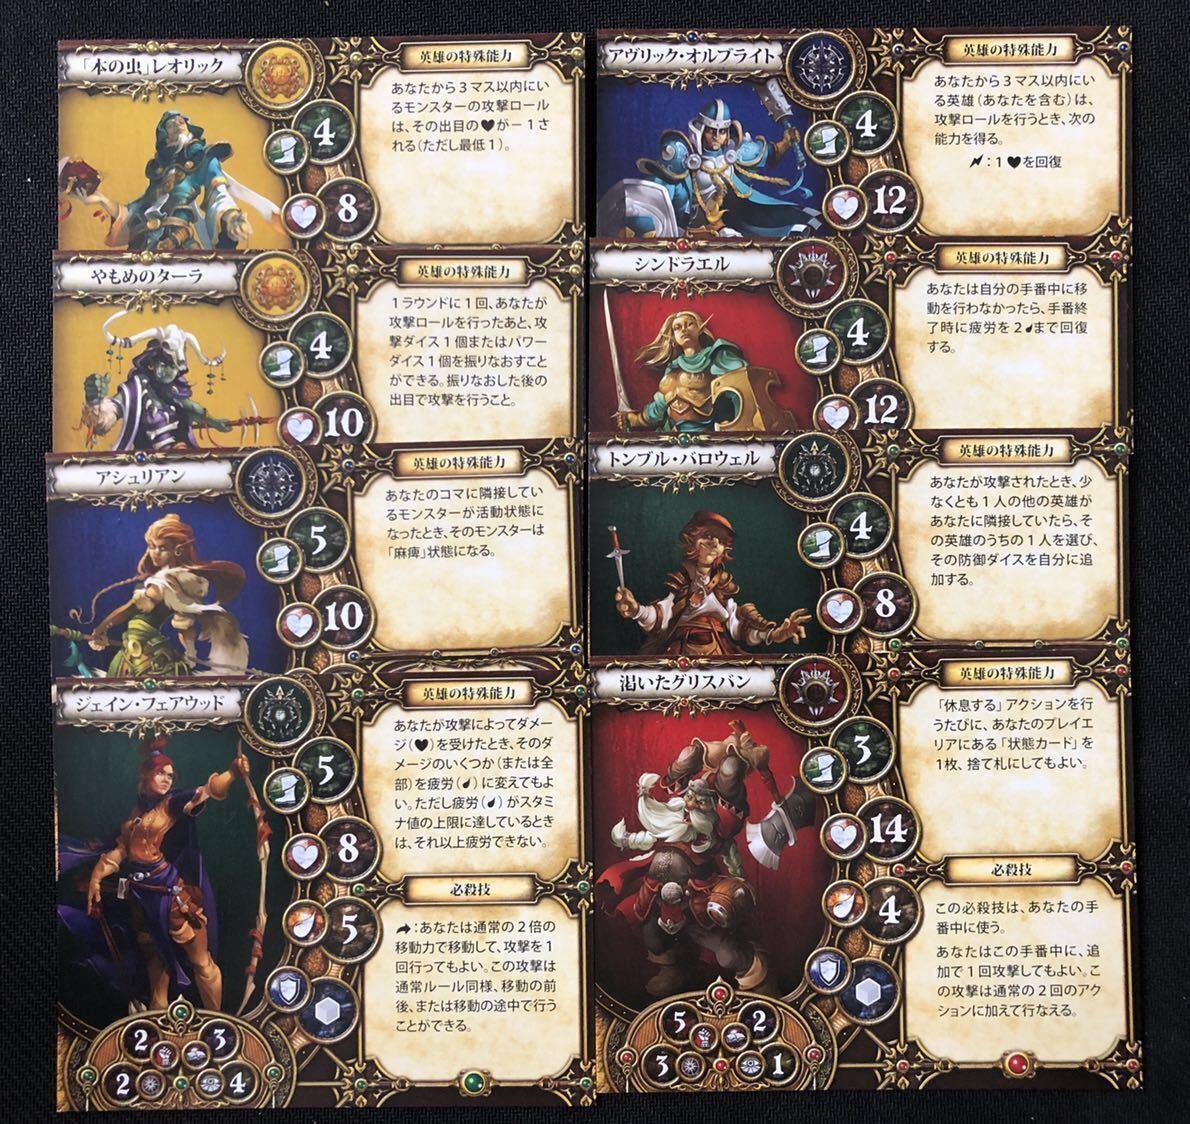 ディセント 第2版 完全日本語版 中古品 ボードゲーム カードゲーム Arclight Games DESCENT Journeys in the Dark Second Edition_画像3